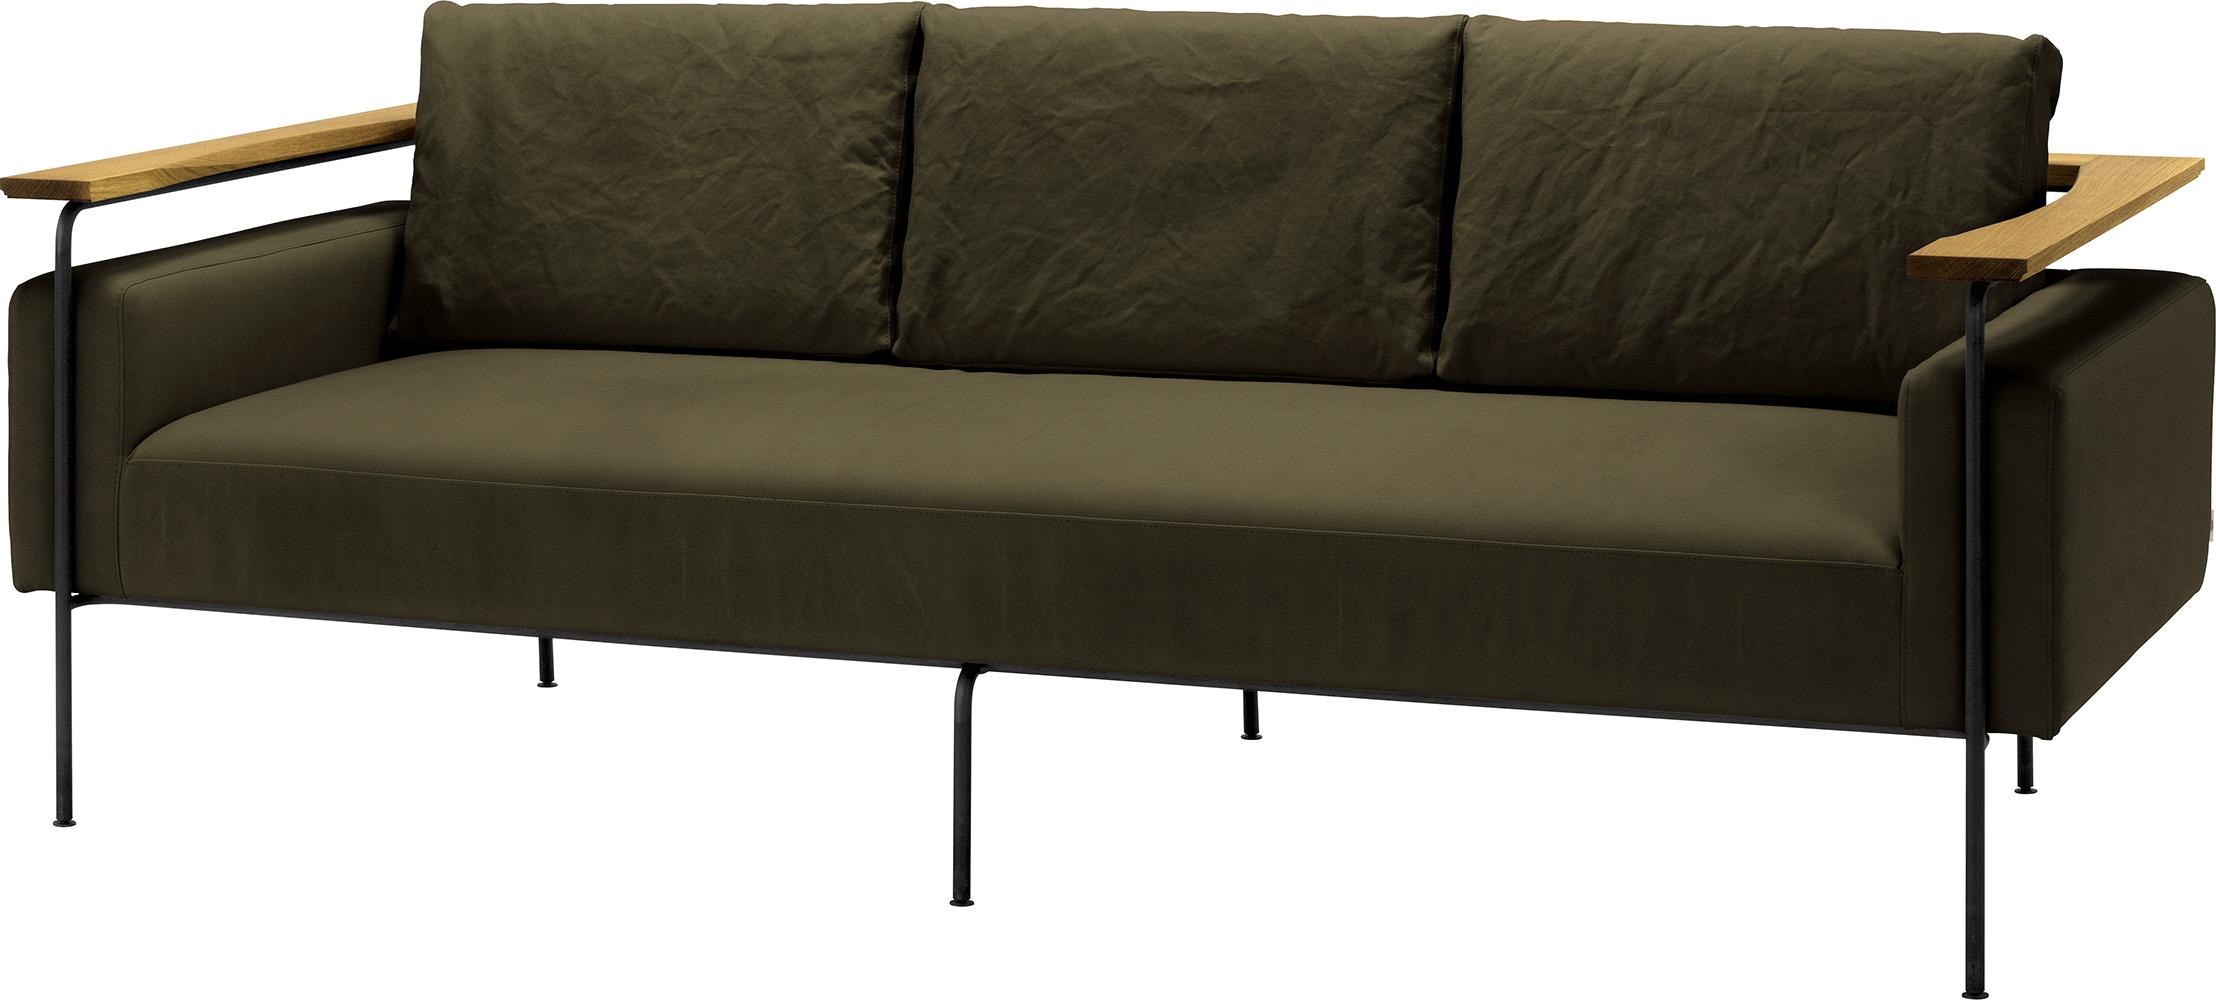 この商品に似ているアイテム画像(TIER sofa/ 3seater|HARVA LEHTO(ハルバレヒト))